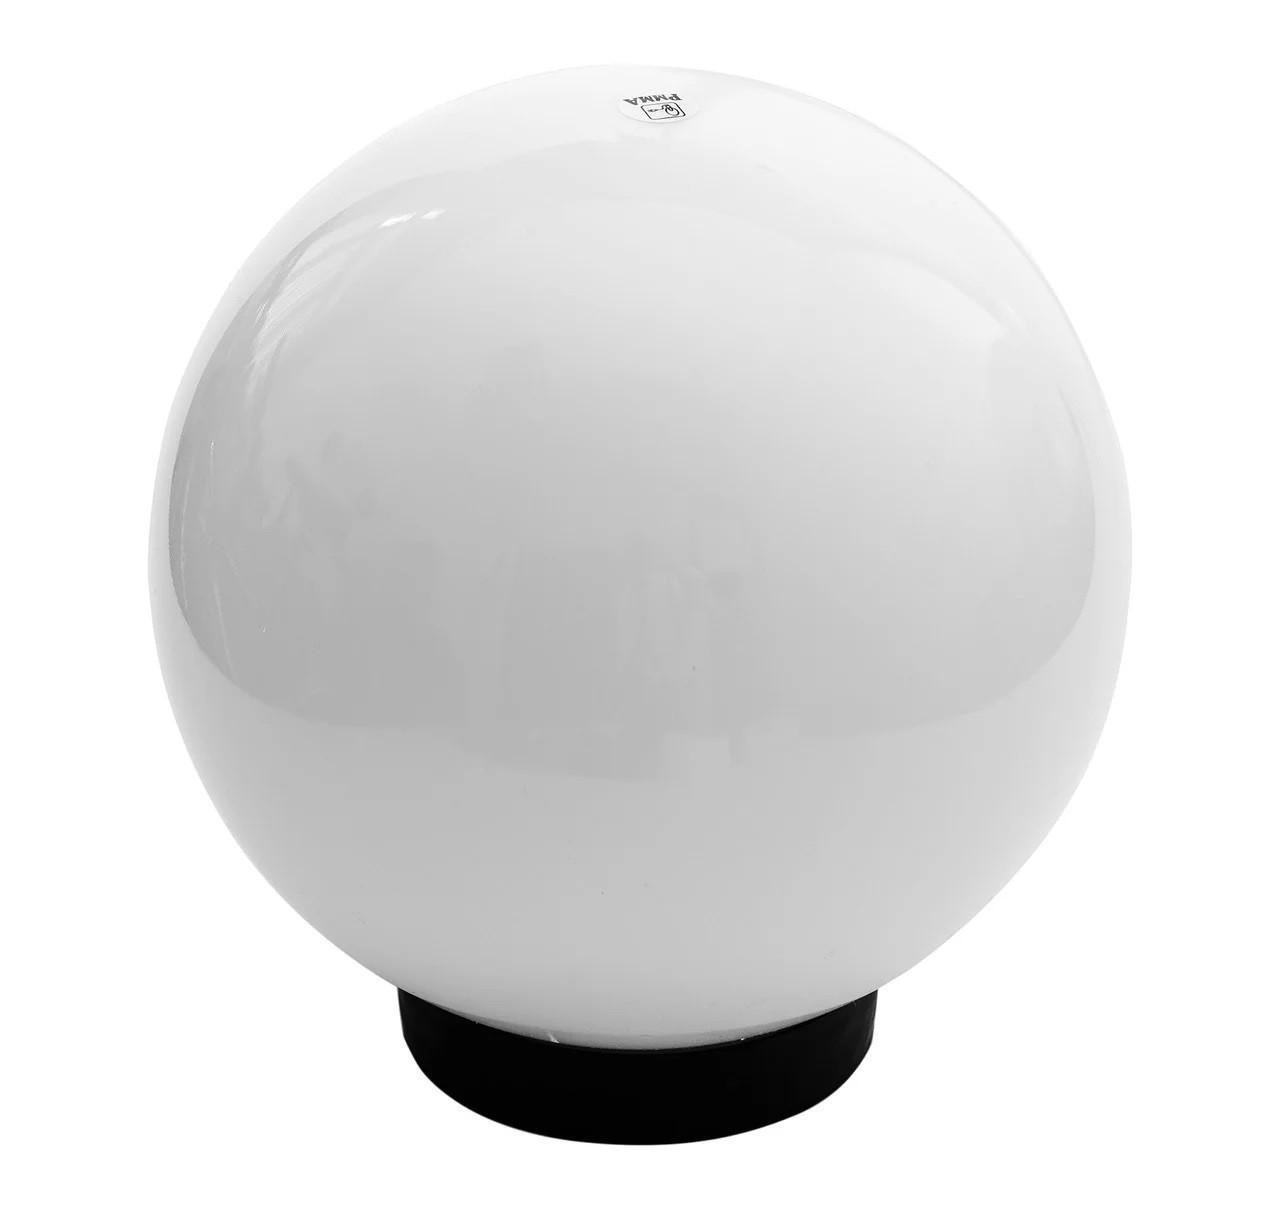 Садово-парковый светильник шар опал белый 350 мм